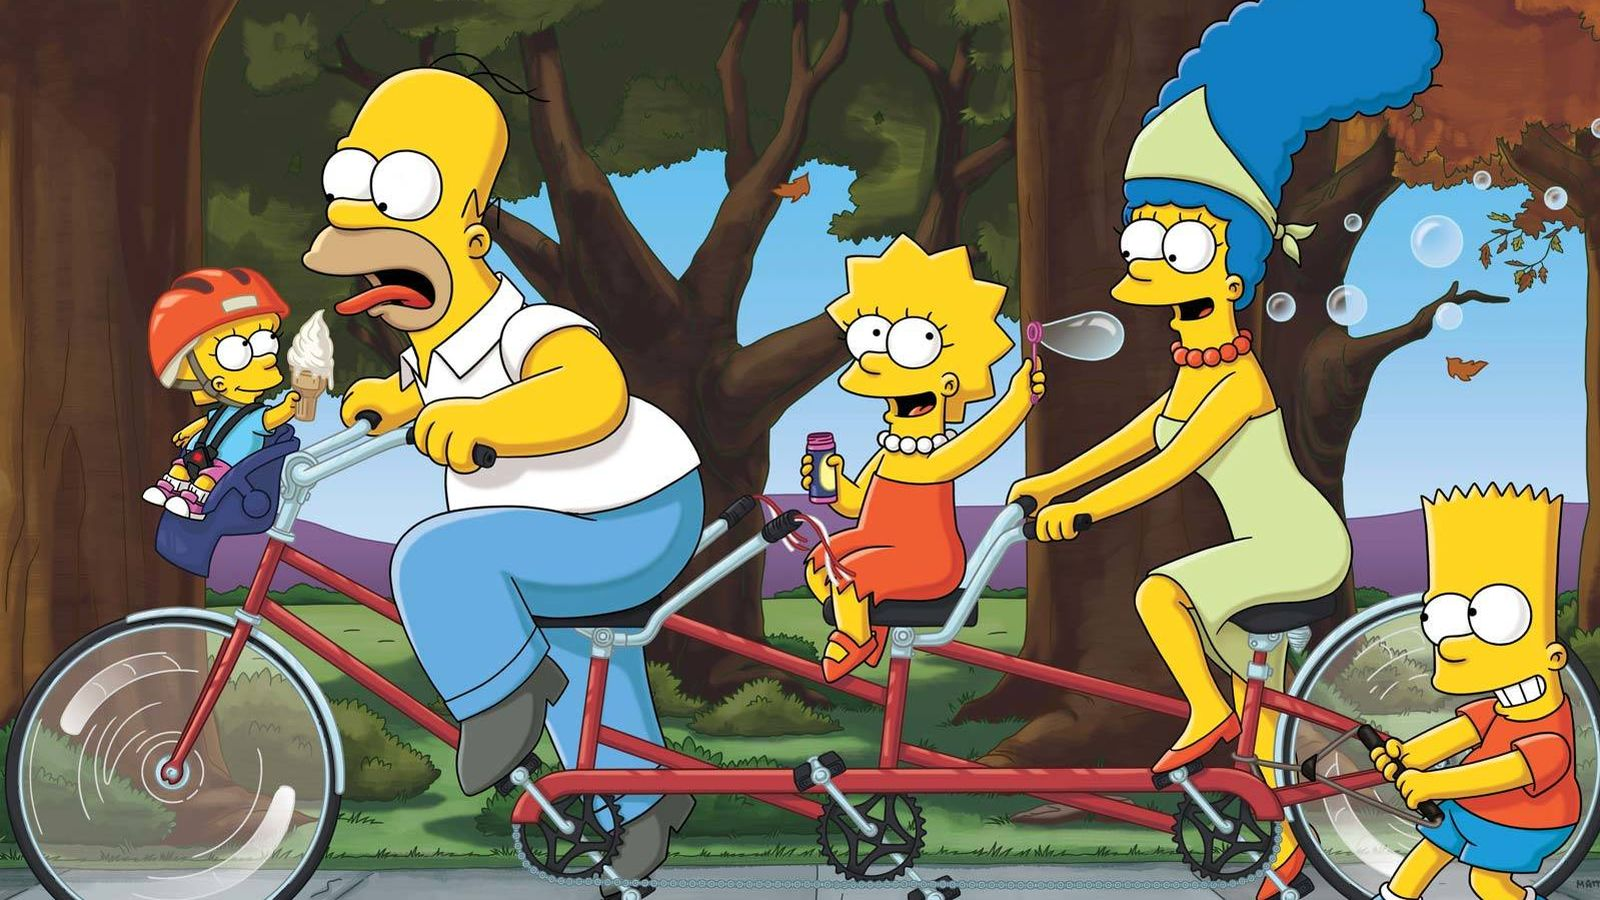 Foto: Imagen de la familia más famosa de Springfield, los Simpson.